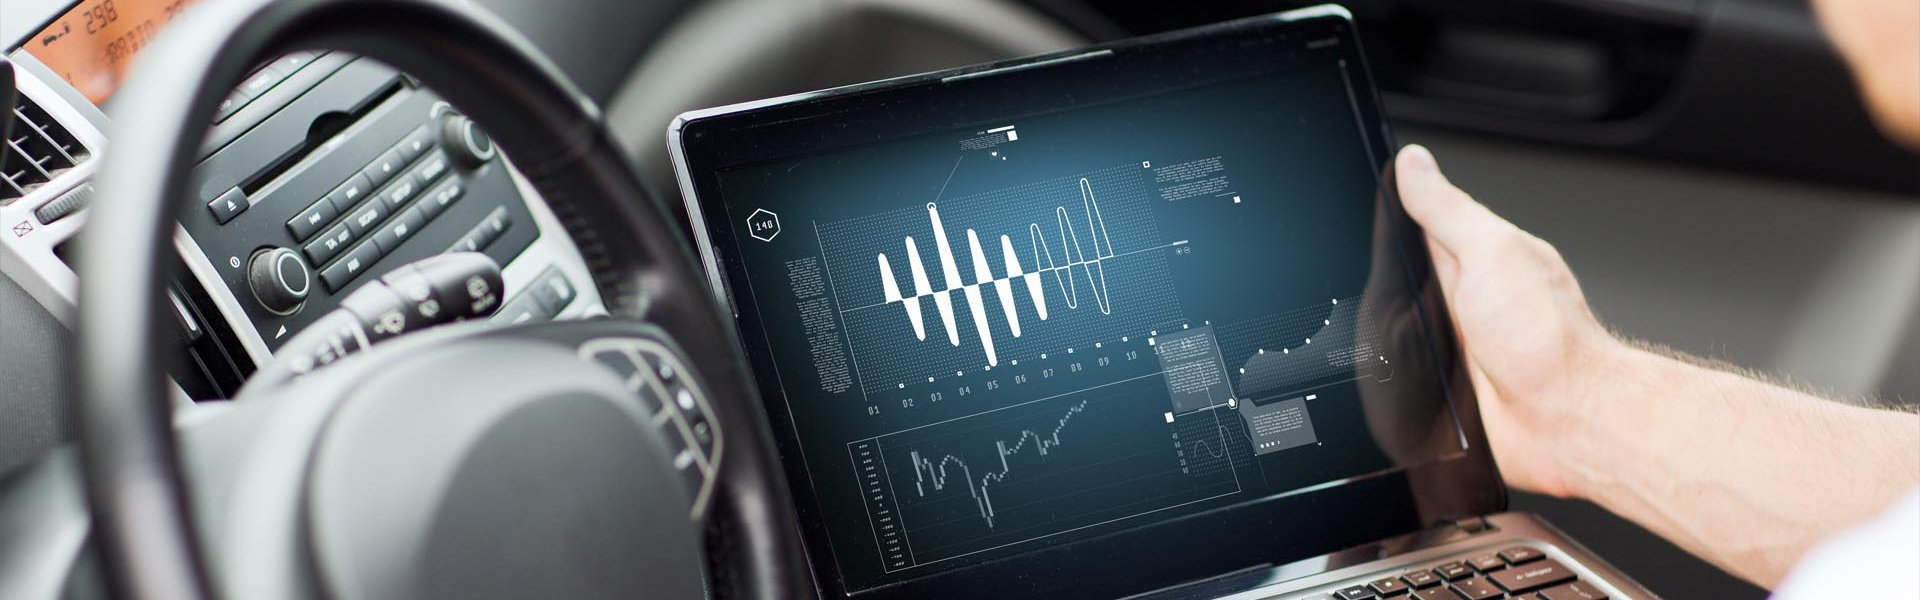 Компьютерная диагностика вашего авто